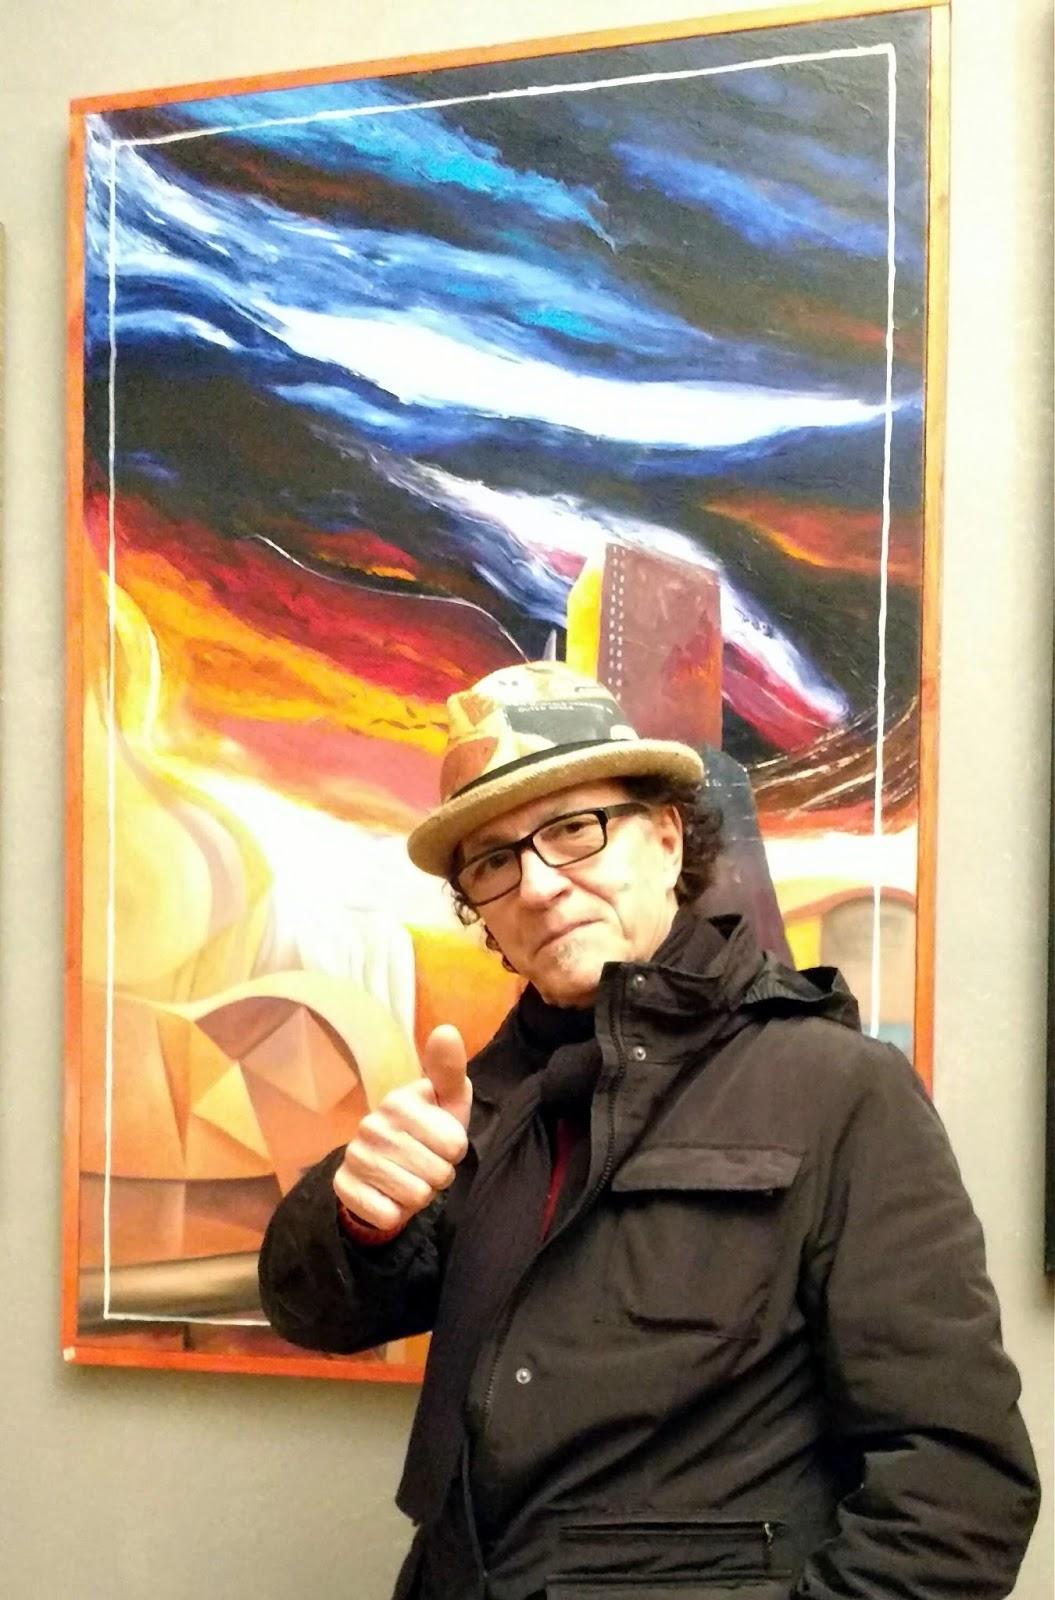 Künstler Bremen elvcycling berlin zu gast beim maler und künstler vito pastore